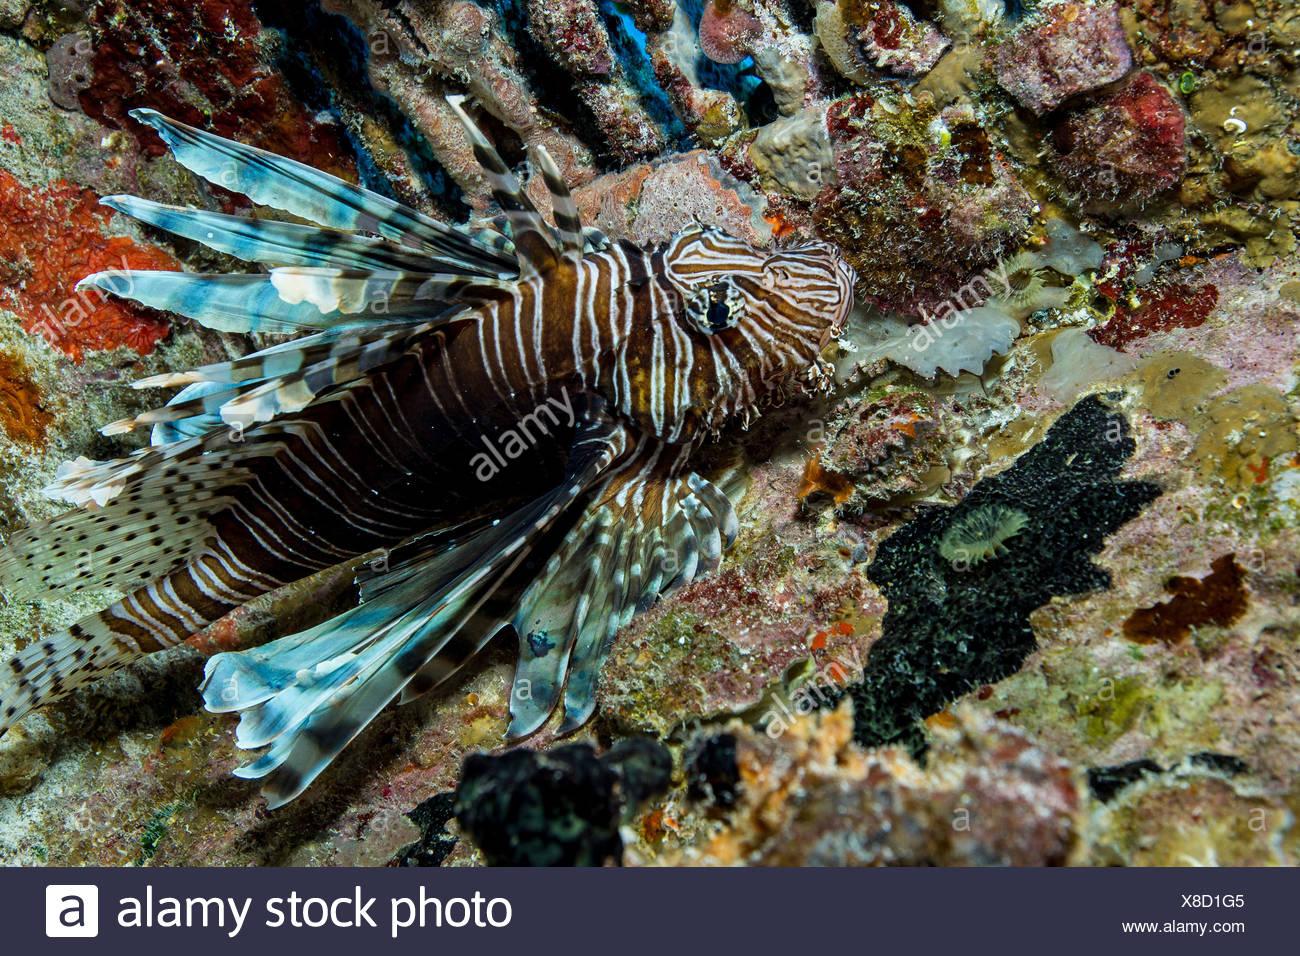 Lionfish in Unnatural Habitat - Stock Image